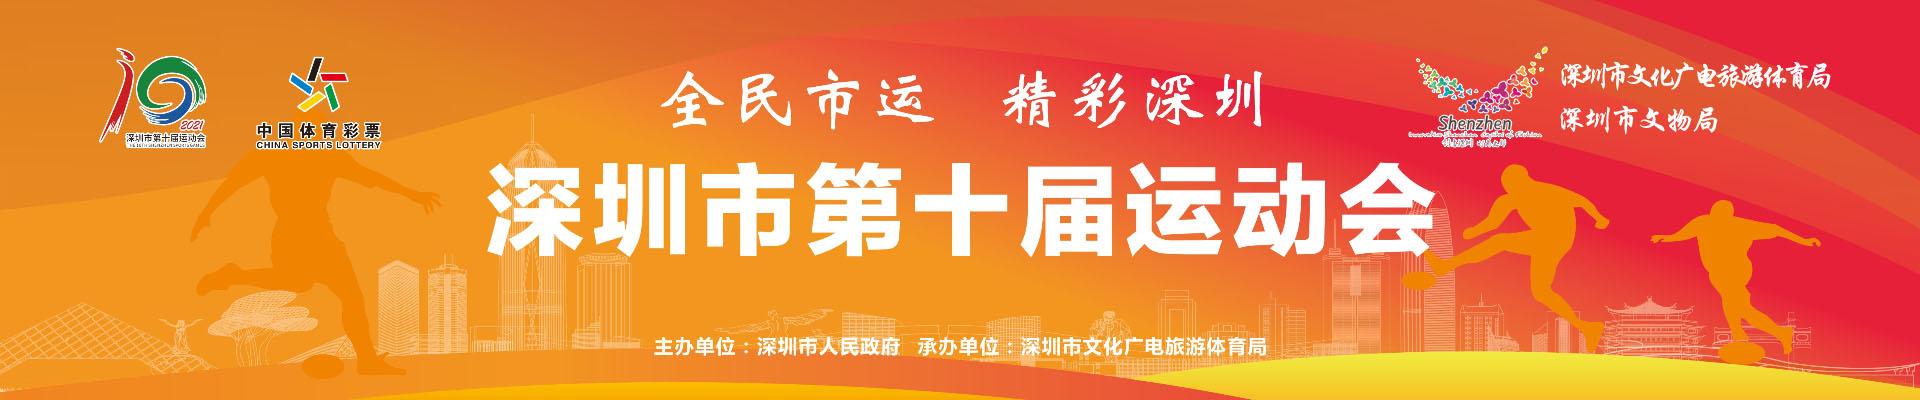 深圳市文化广电旅游体育局